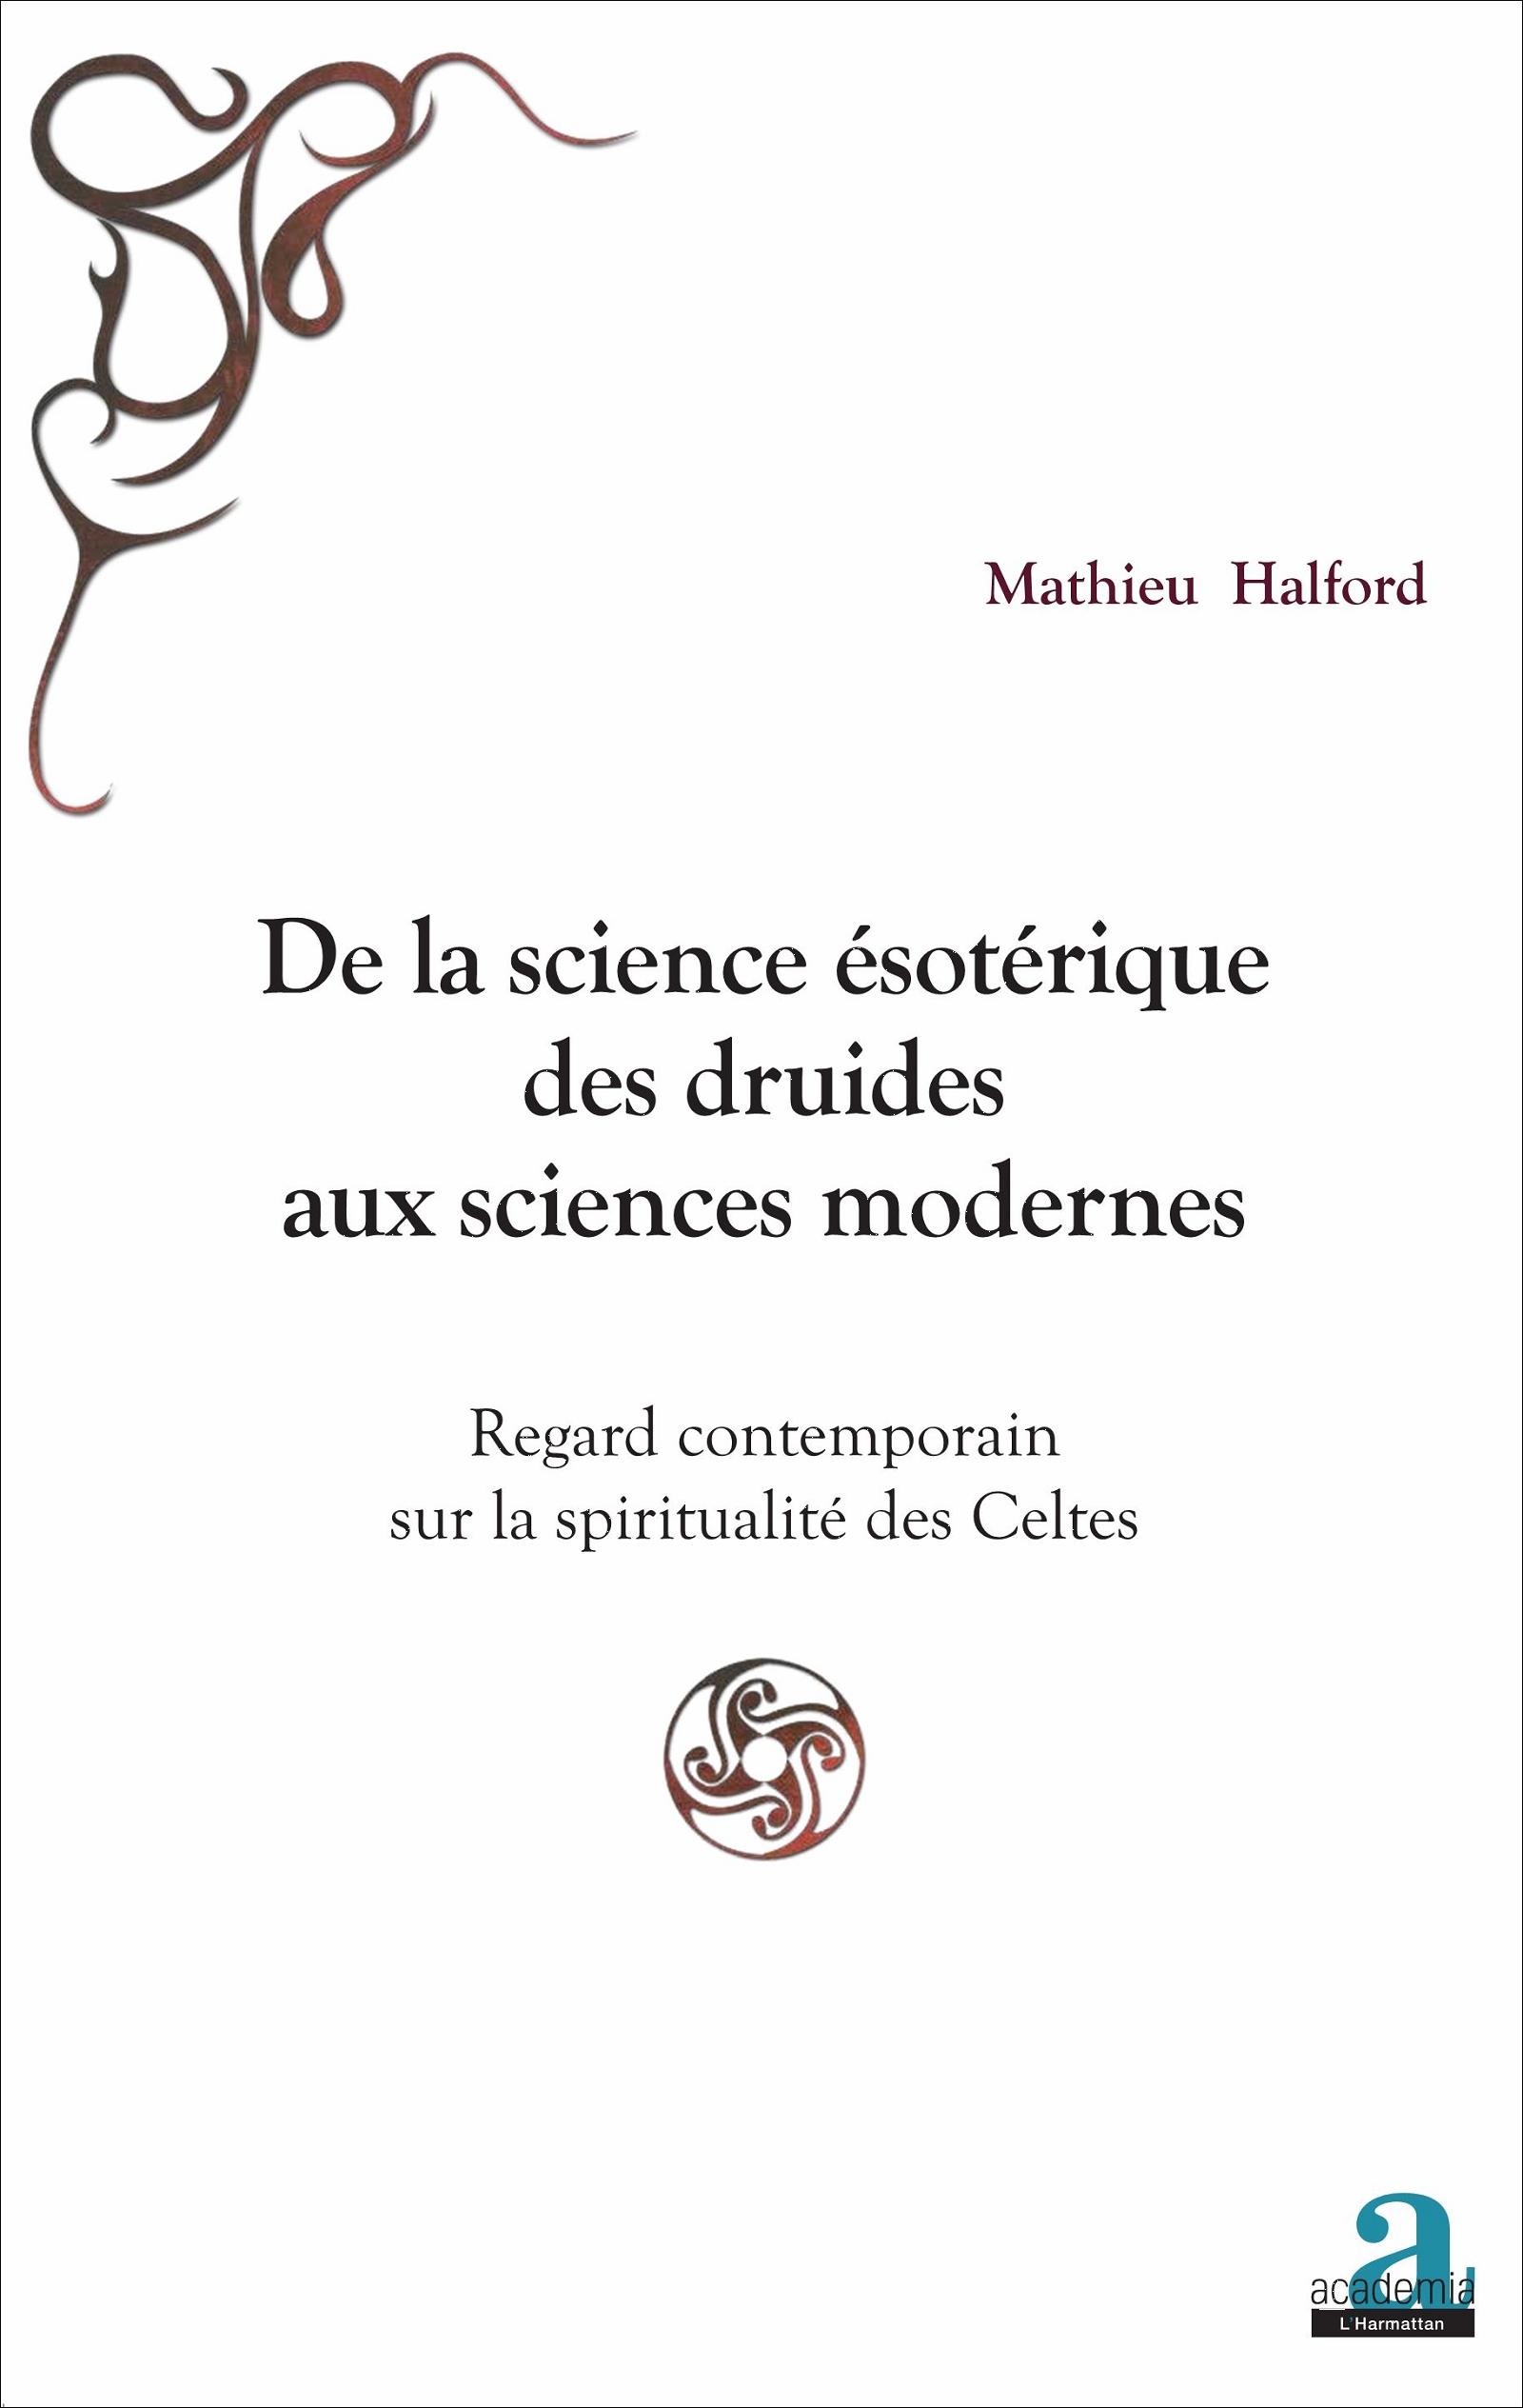 de la science 201 sot 201 rique des druides aux sciences modernes regard contemporain sur la